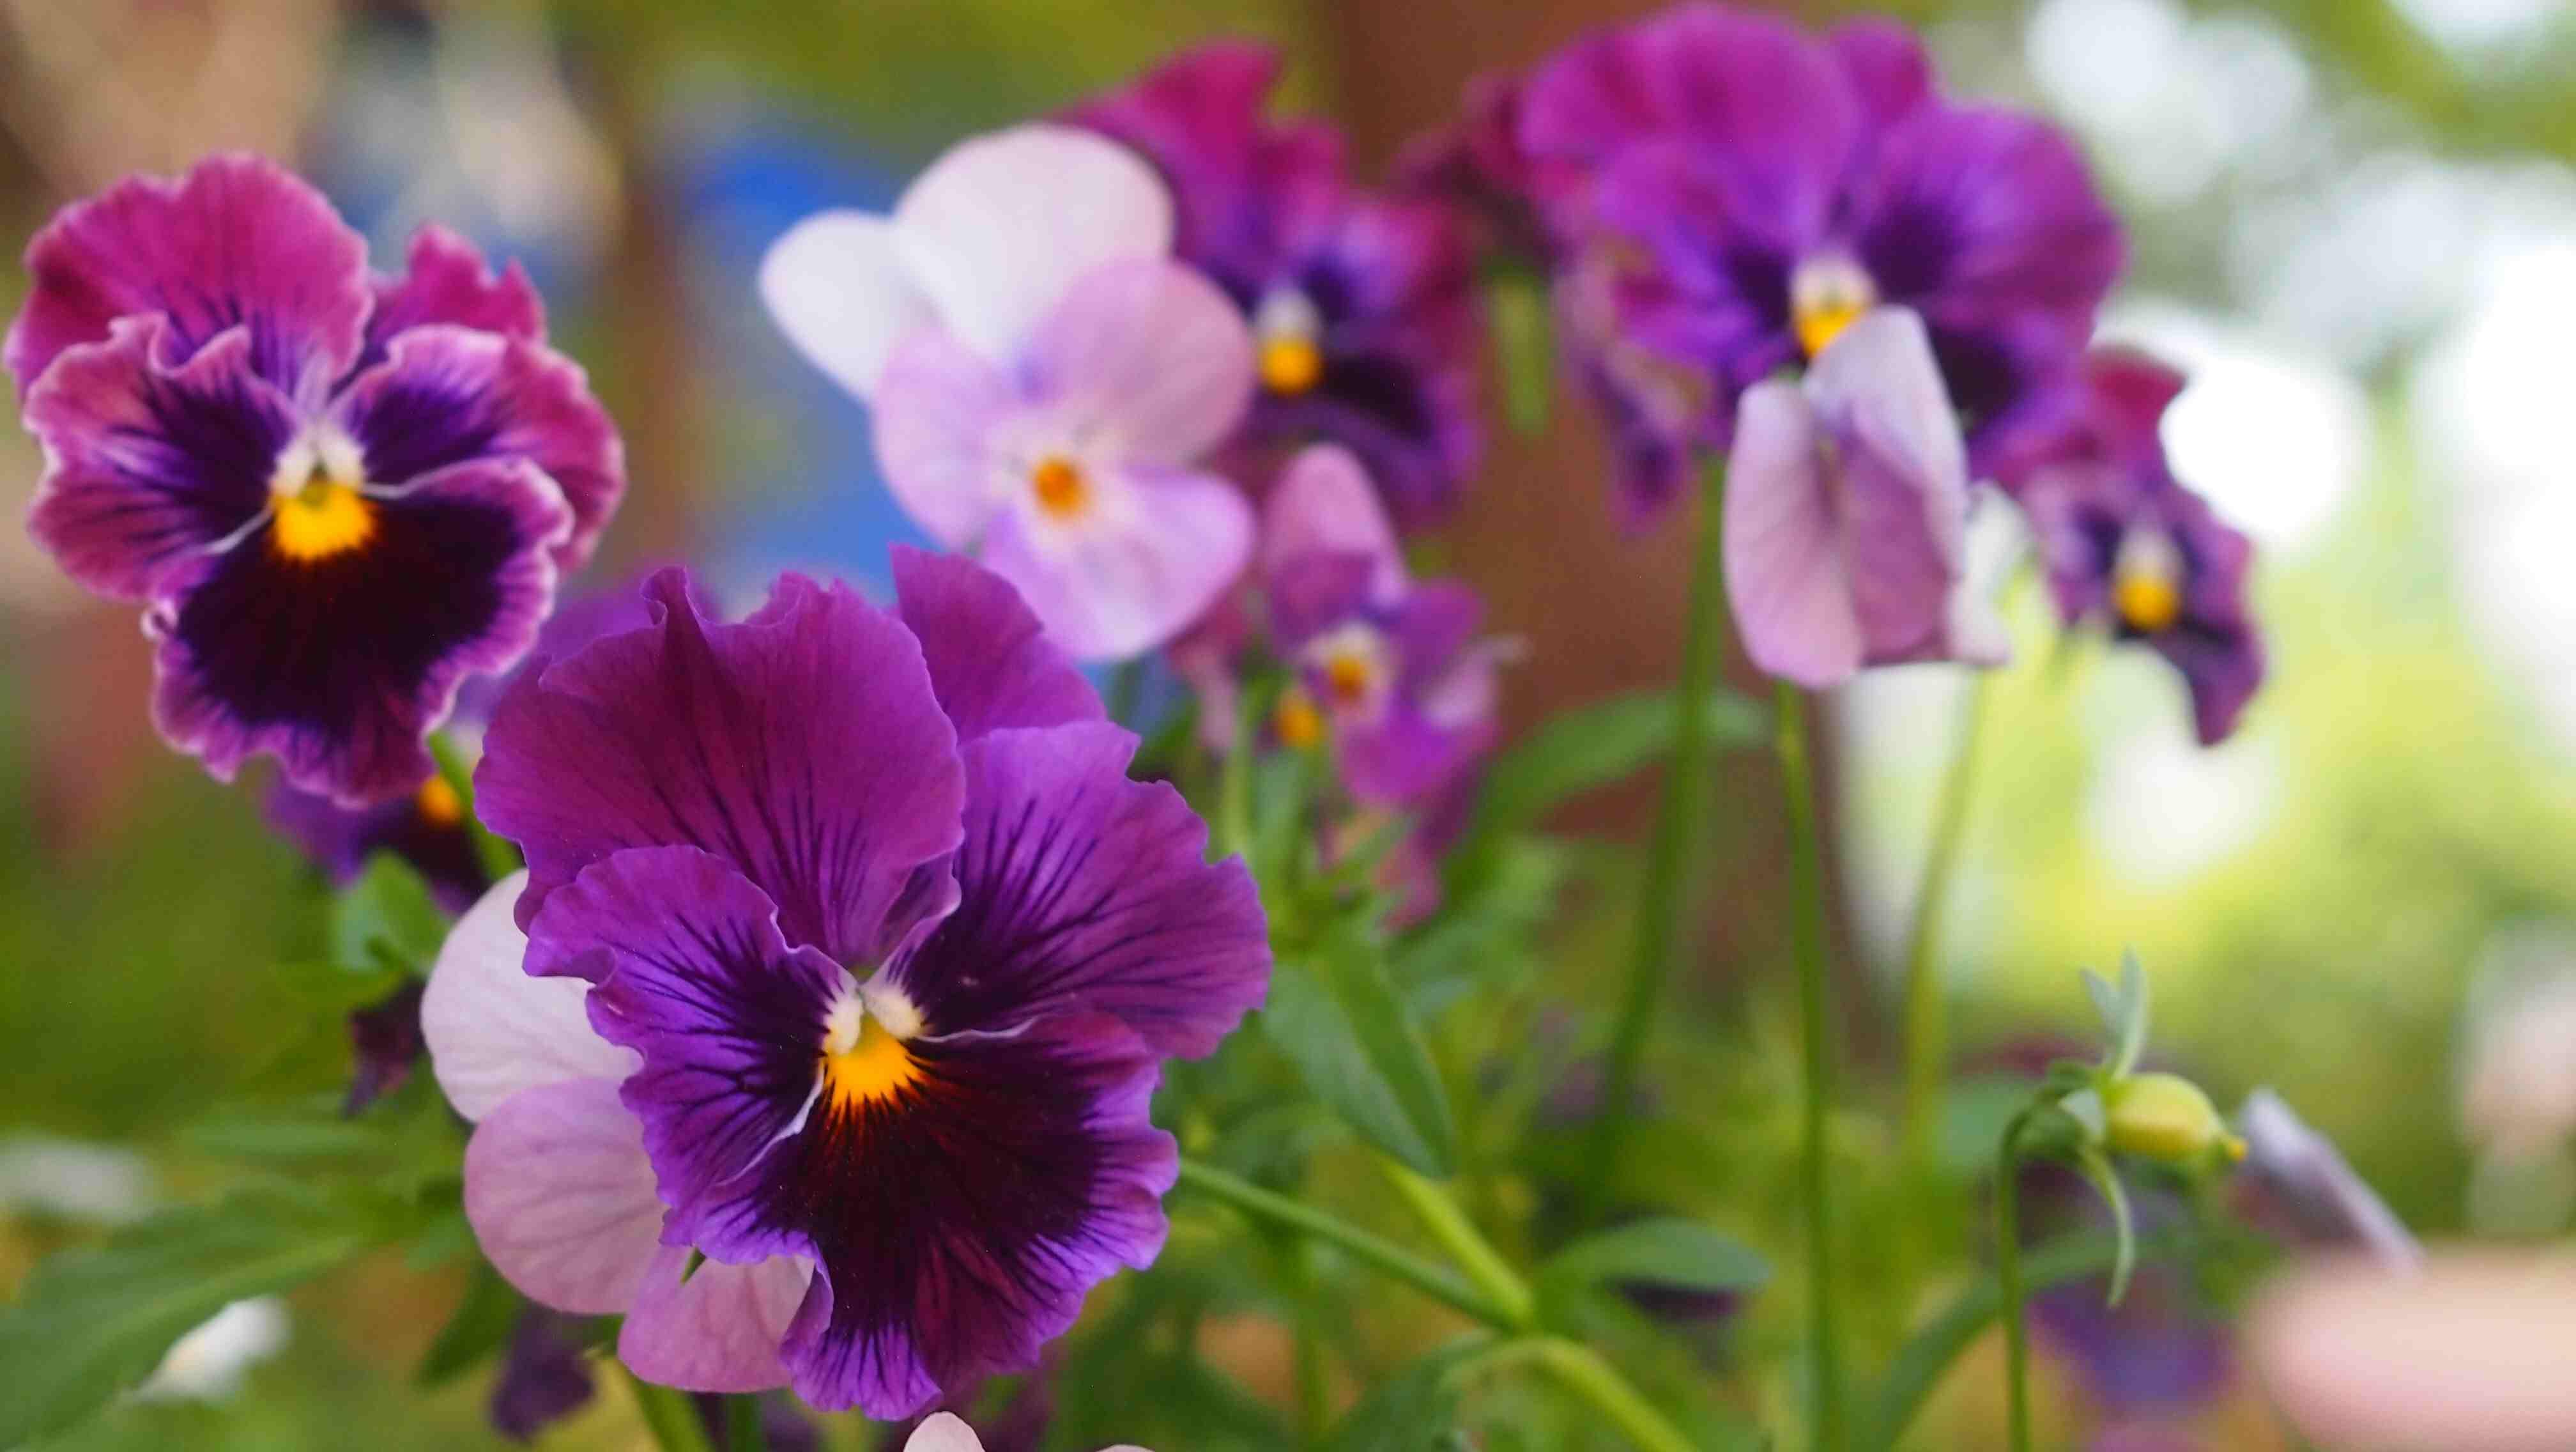 Purple flowering pansies.